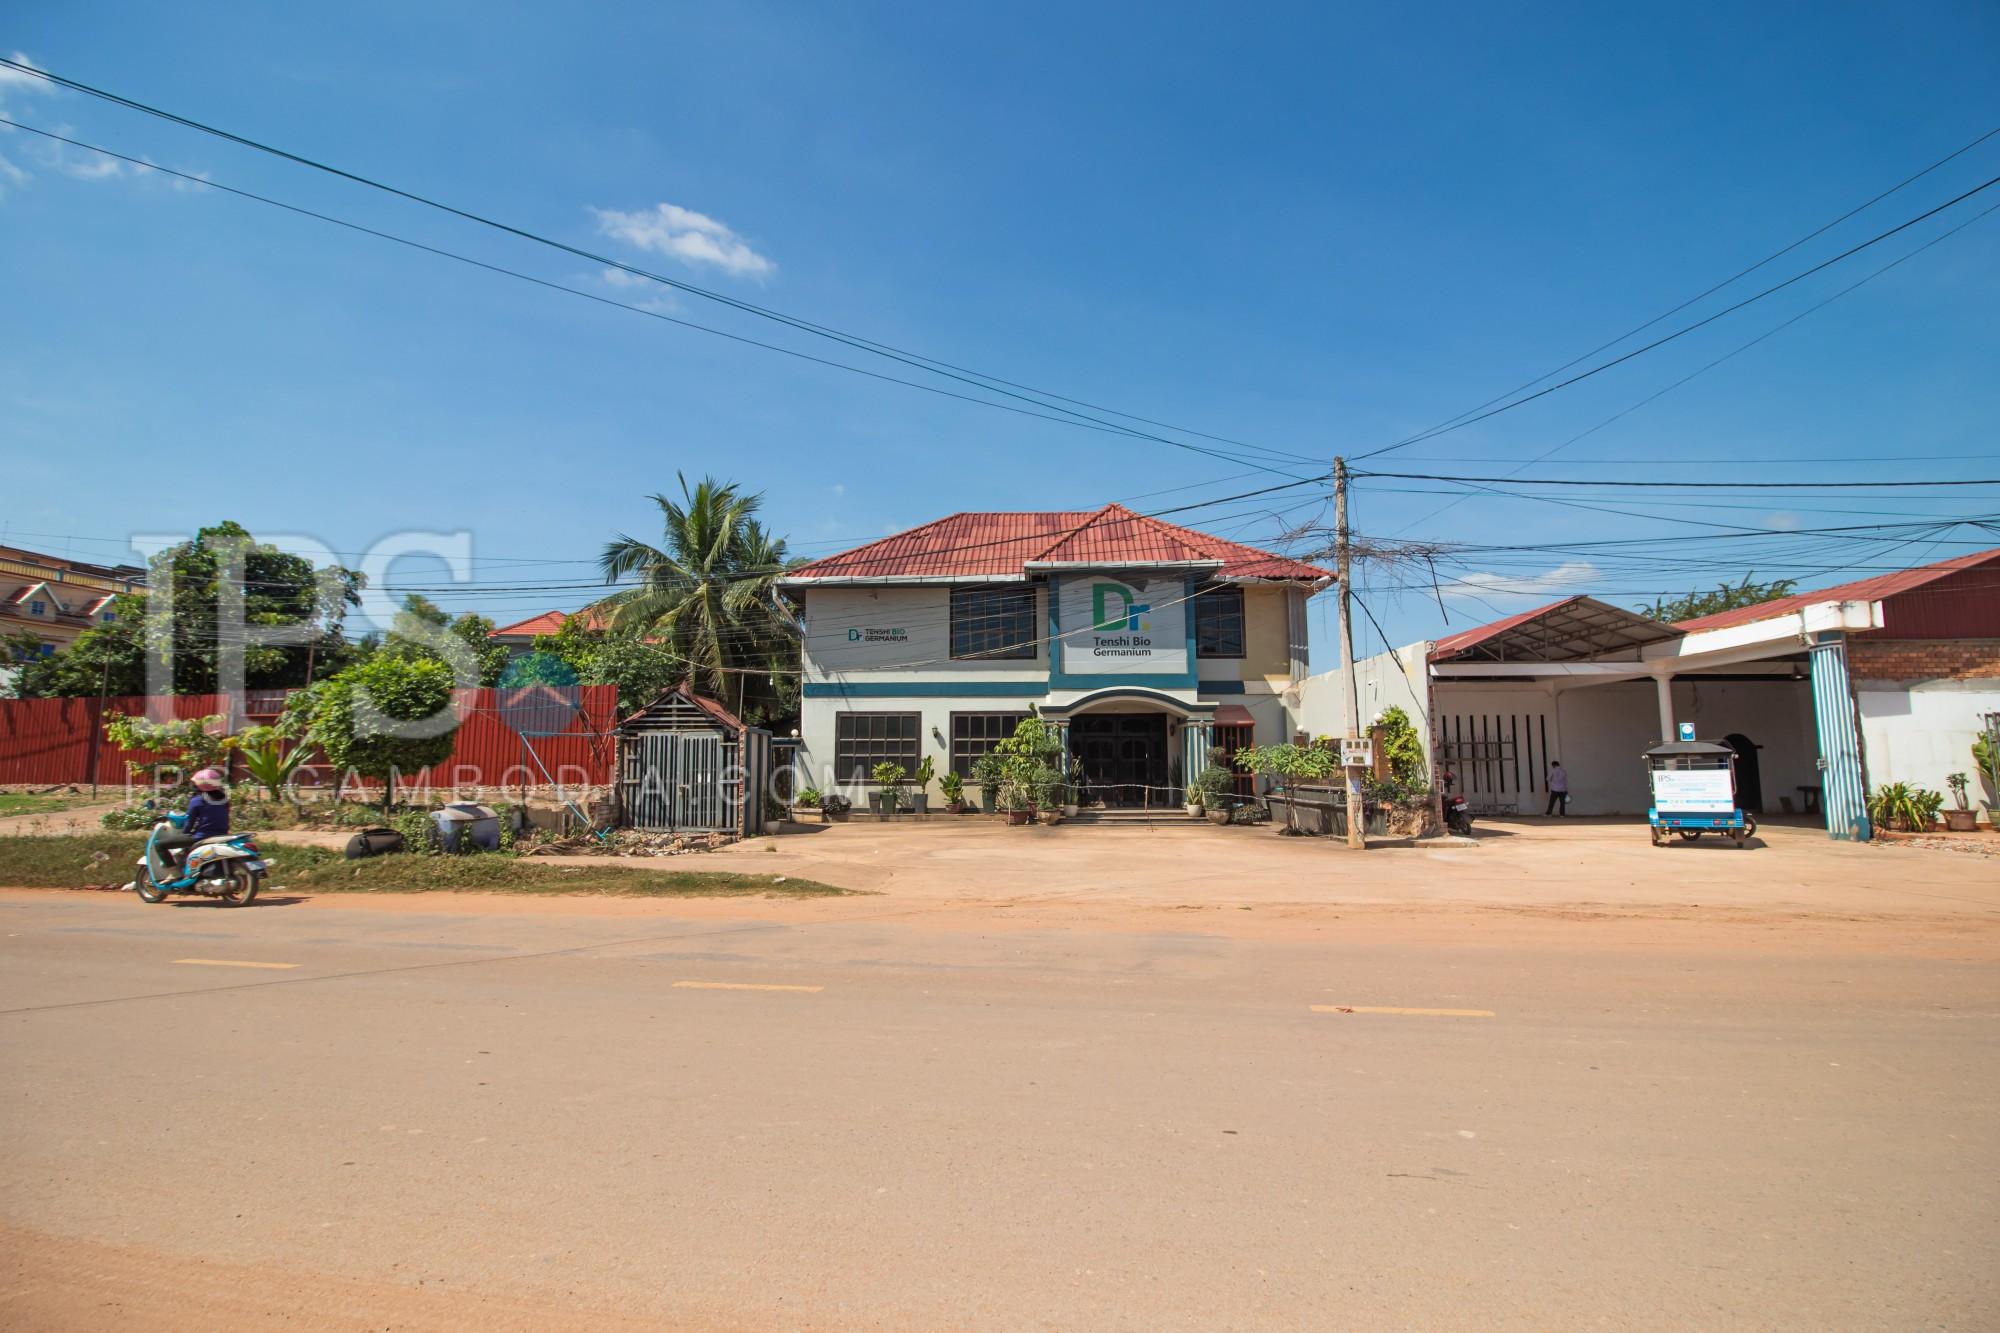 1710 Sqm Land For Sale - Kouk Chak, Siem Reap